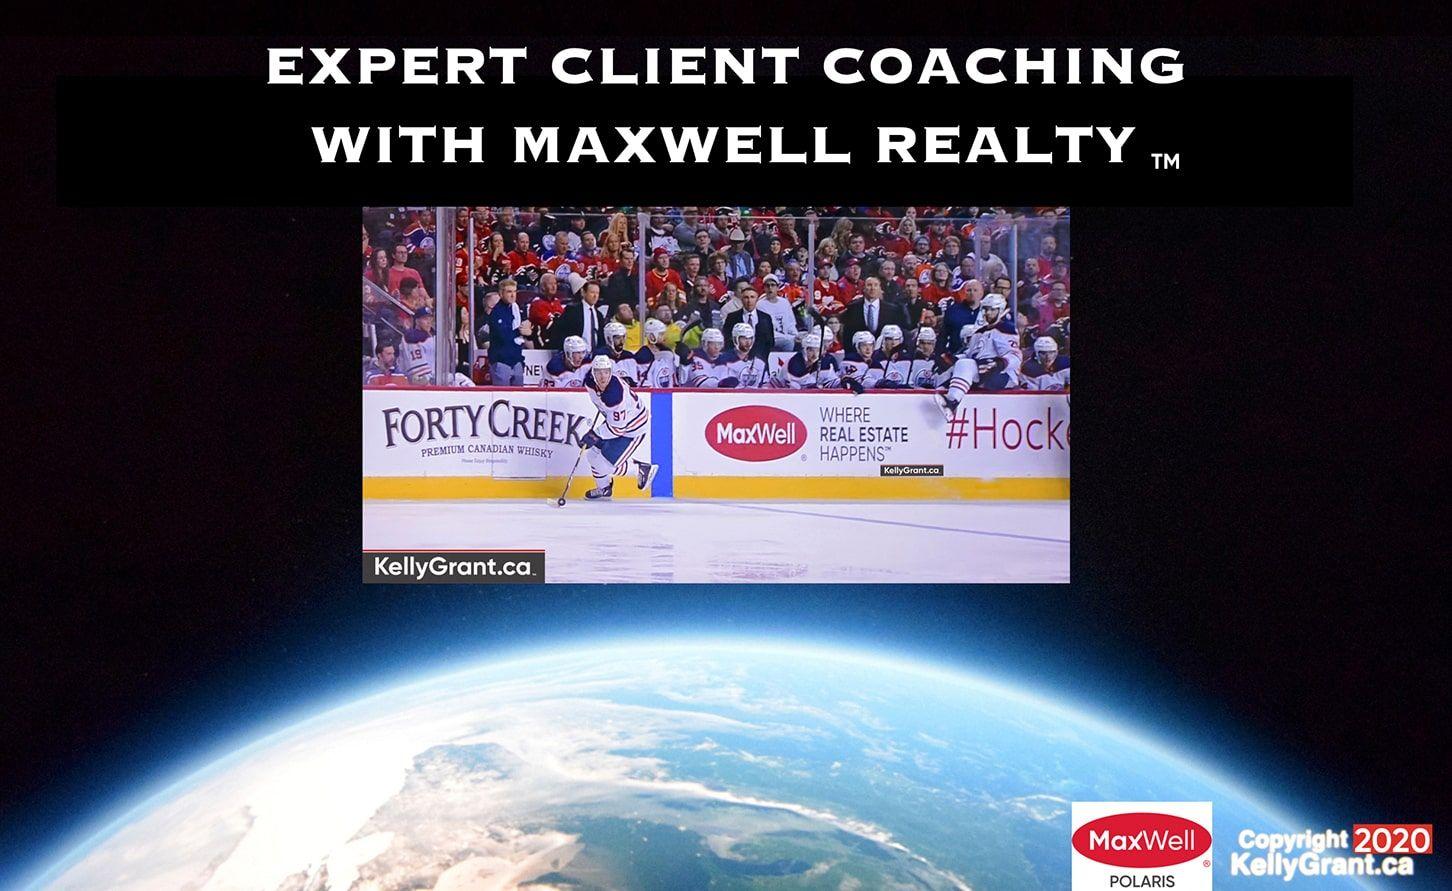 #19-KG MaxWell Expert Client Coaching.jpg